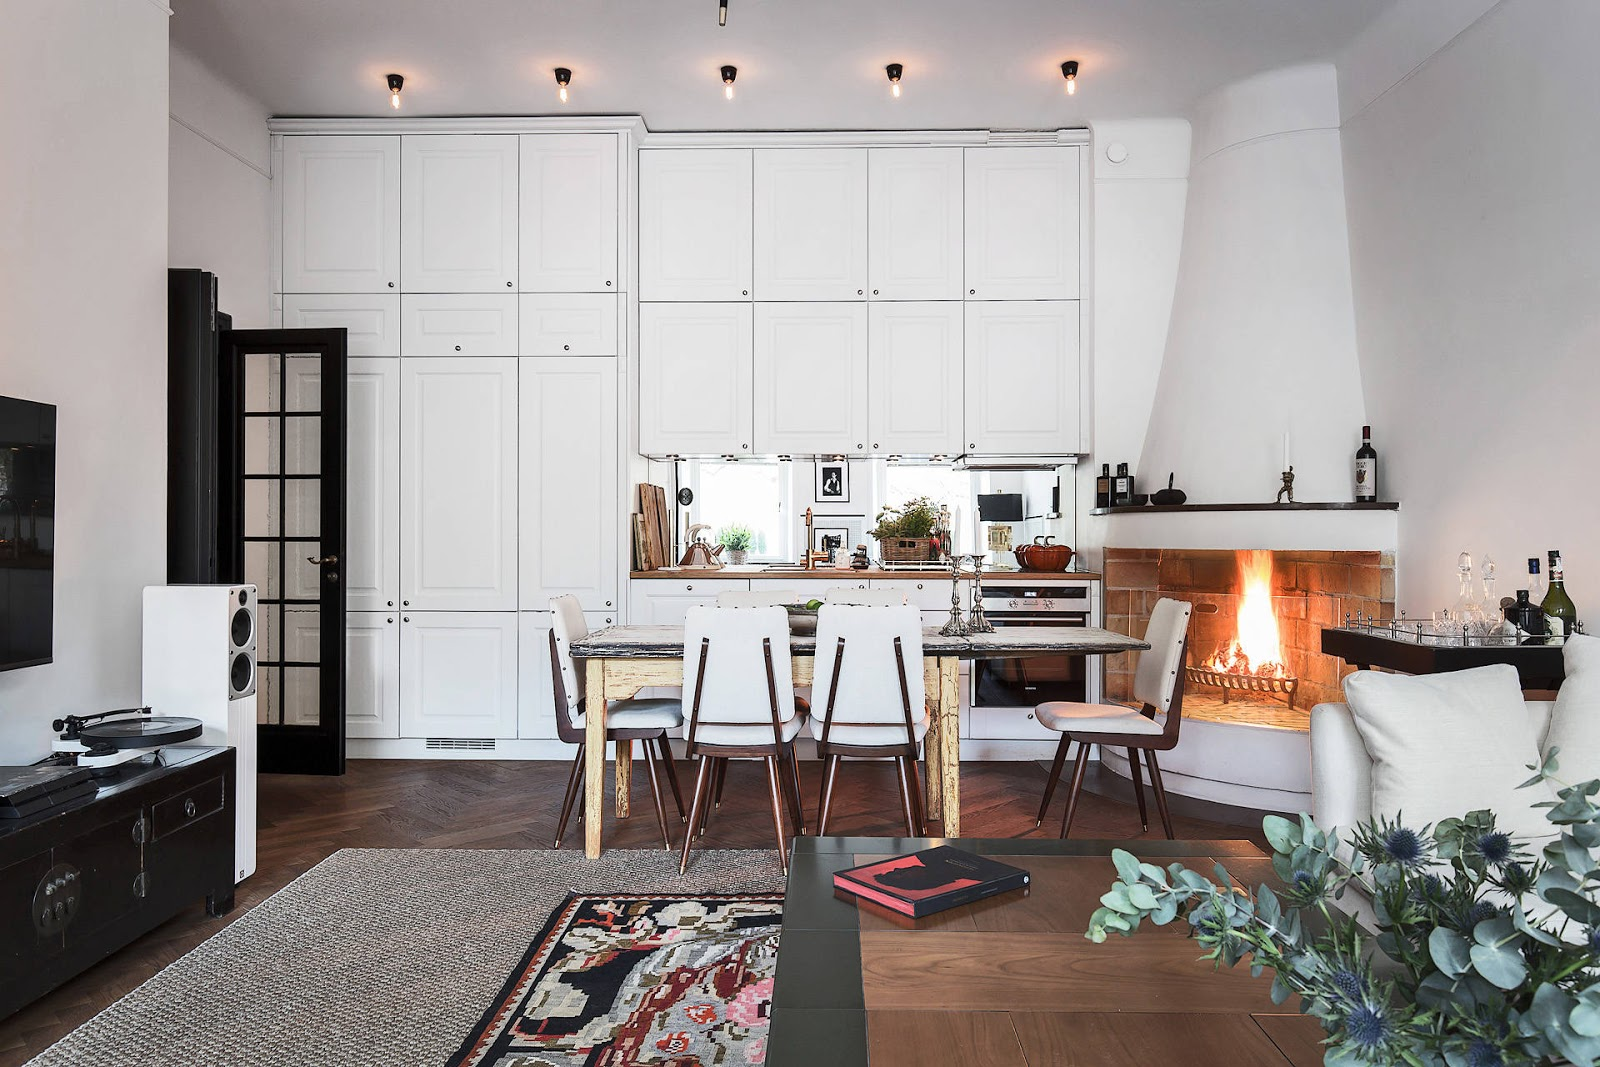 Accente vintage și bucătărie până în tavan într-un apartament de 73 m²